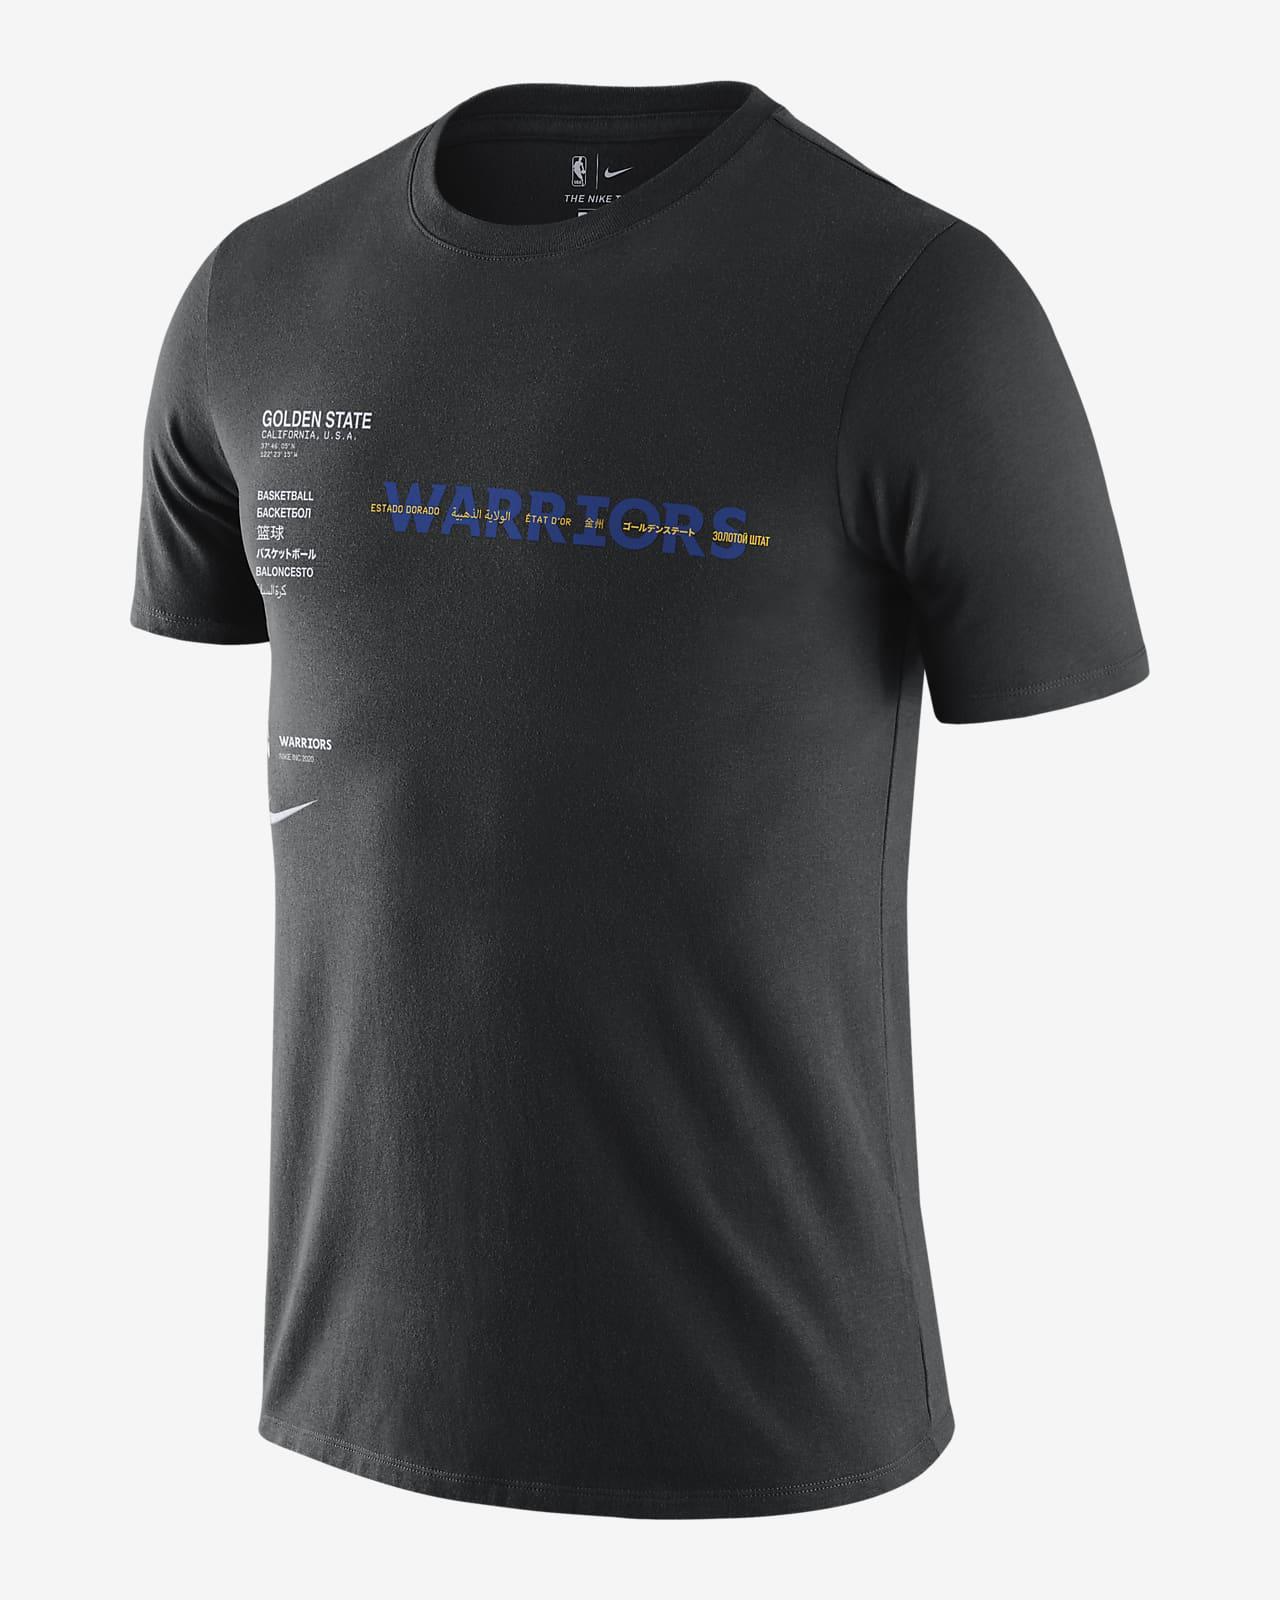 ウォリアーズ コートサイド メンズ ナイキ NBA Tシャツ